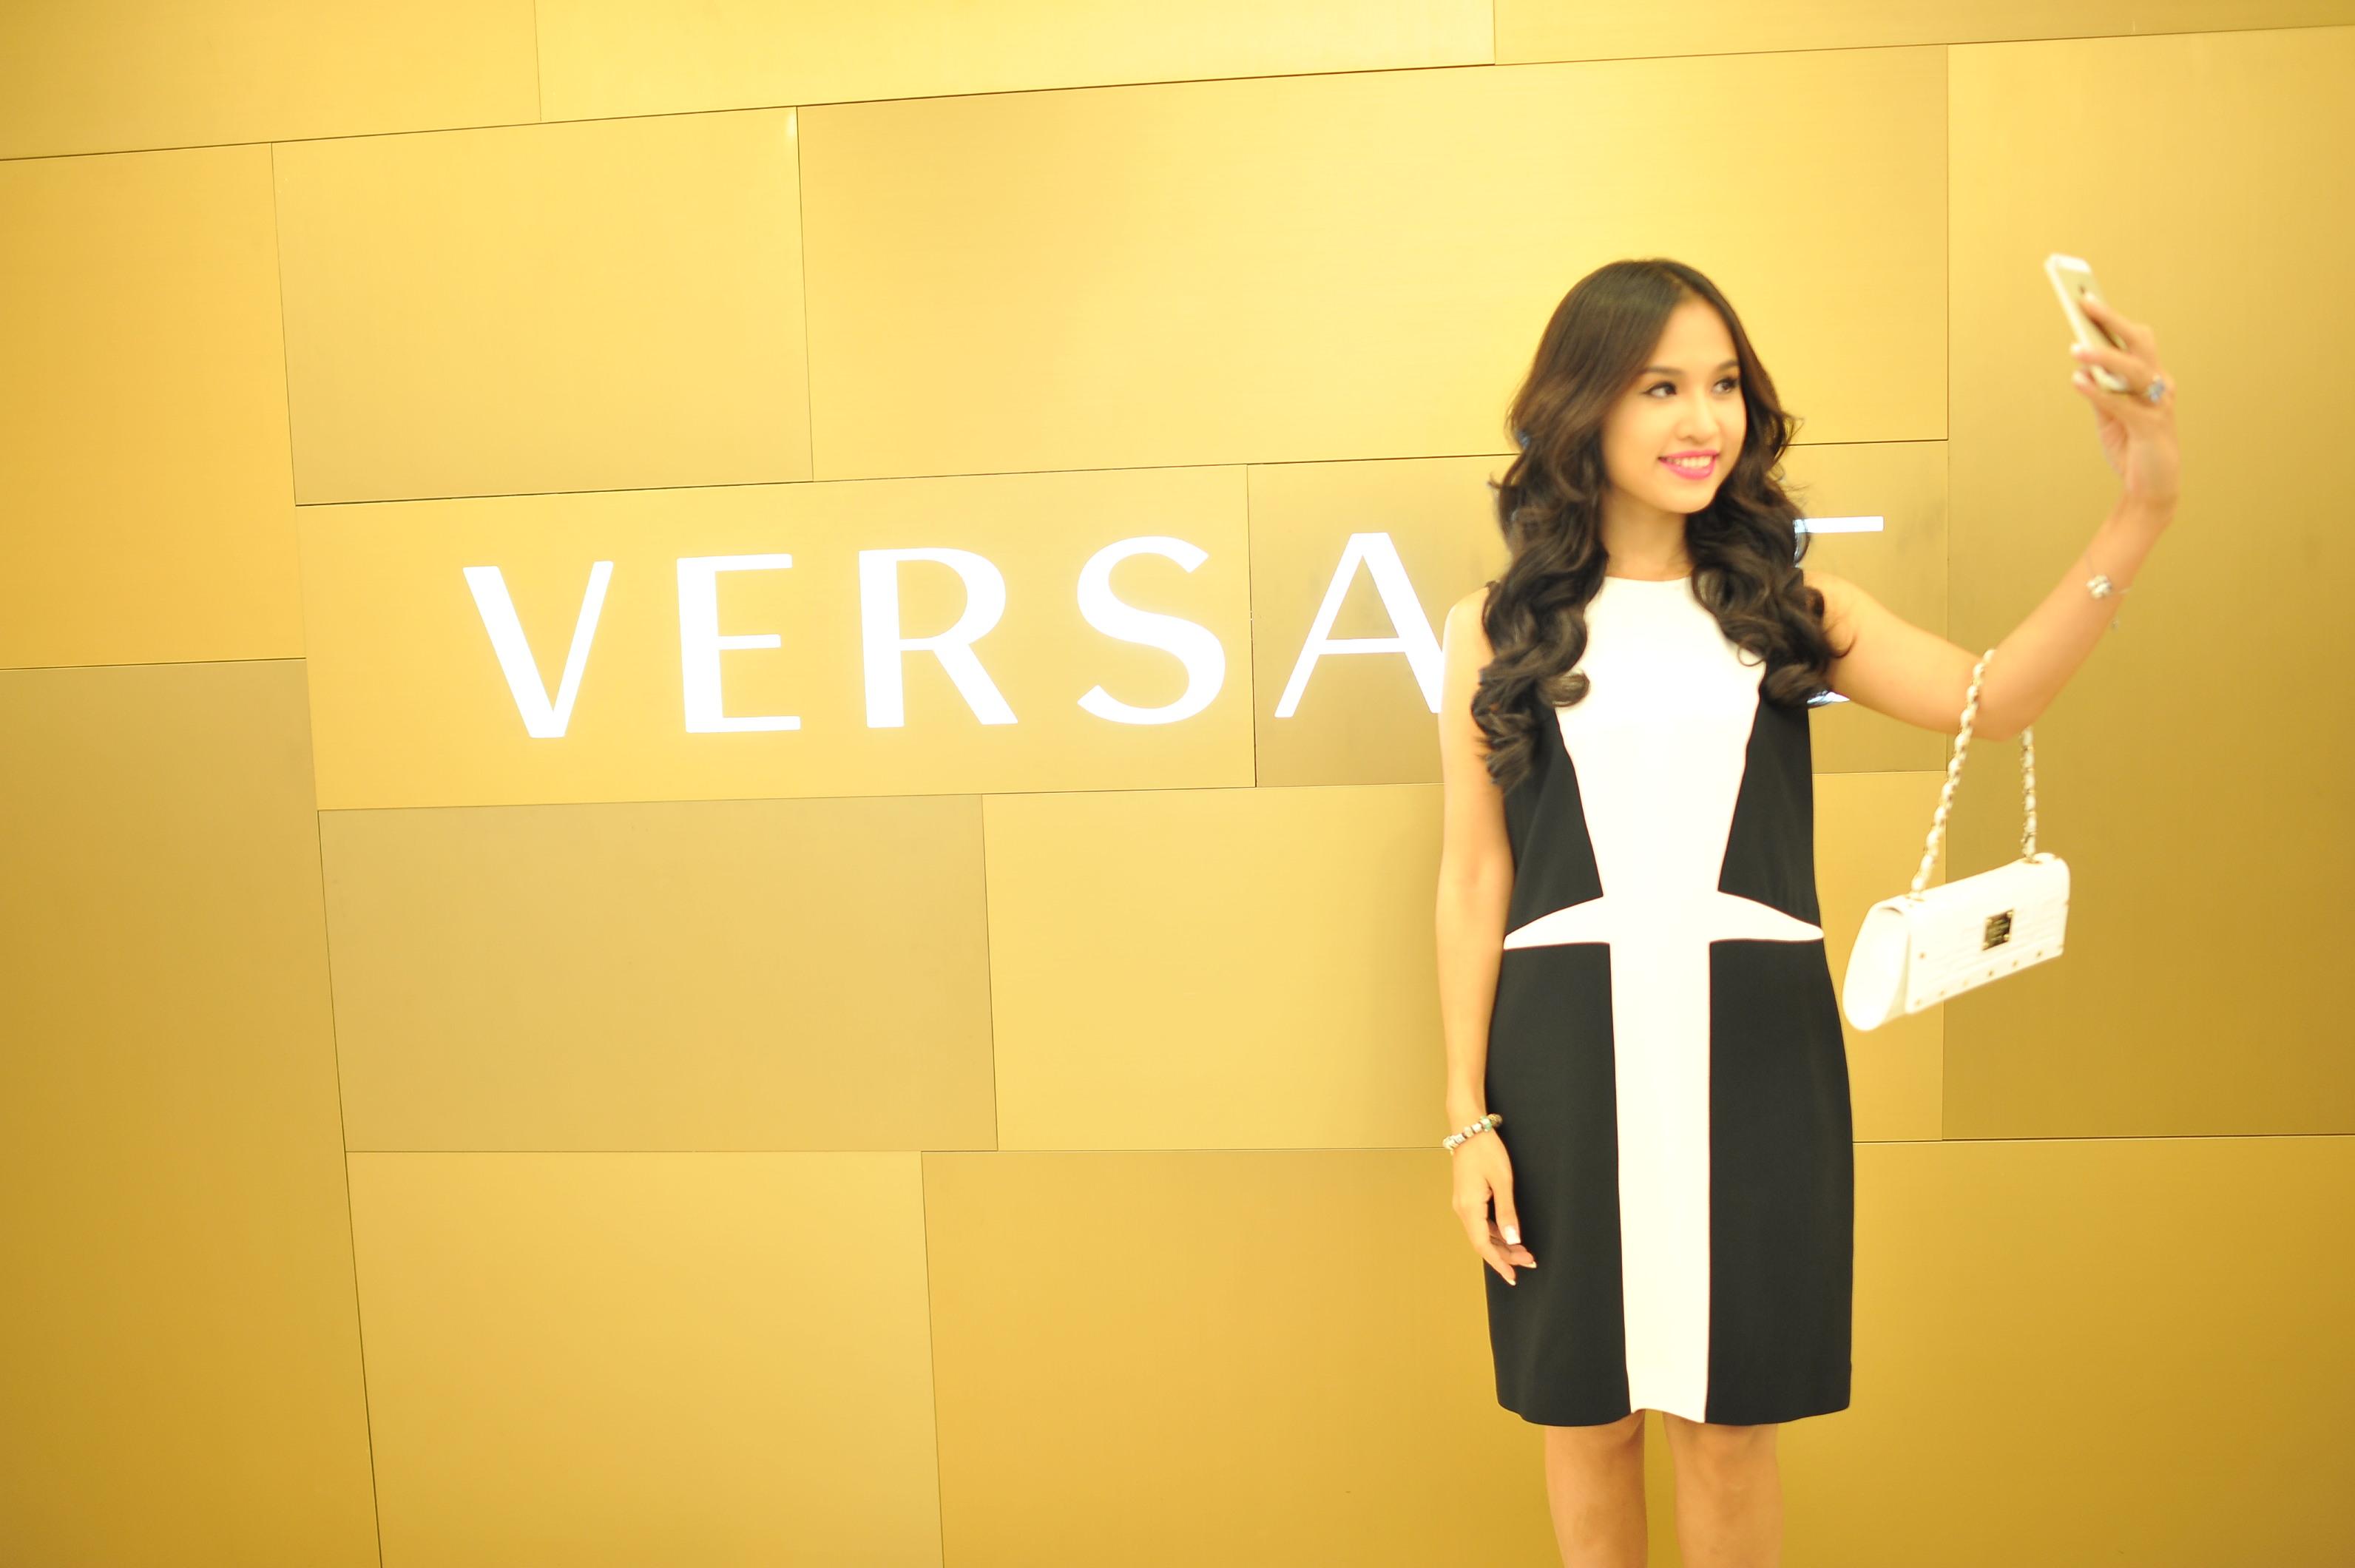 Versace giới thiệu bộ sưu tập Thu Đông tại Tràng Tiền Plaza